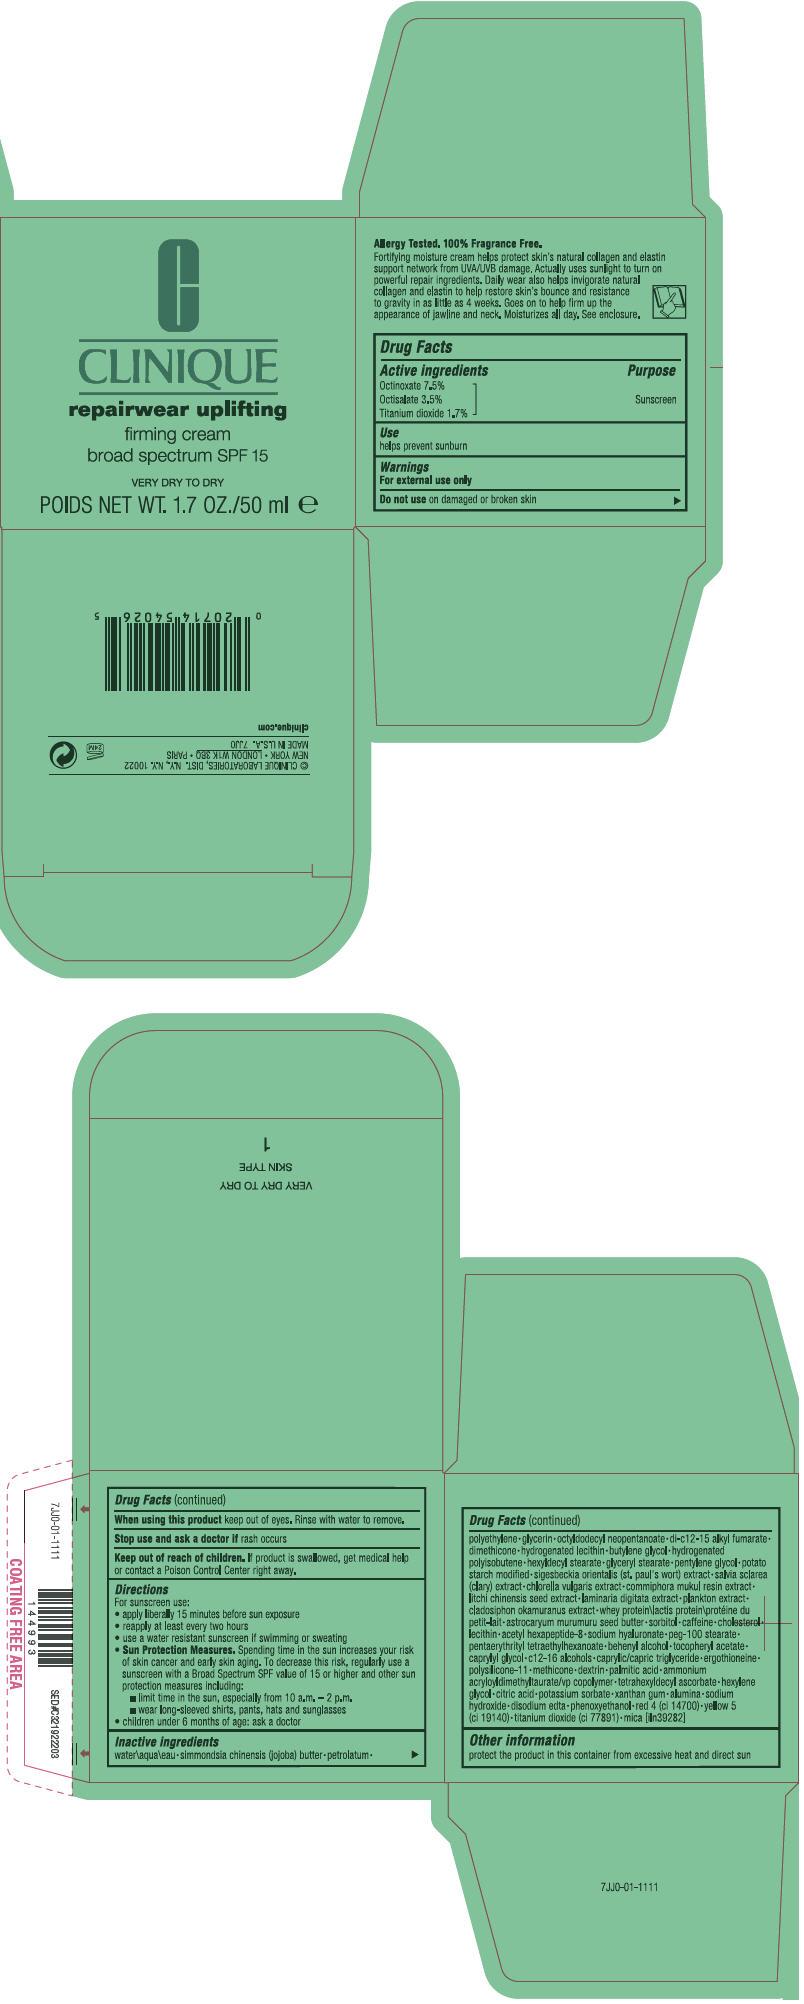 PRINCIPAL DISPLAY PANEL - 50 ml Jar Carton